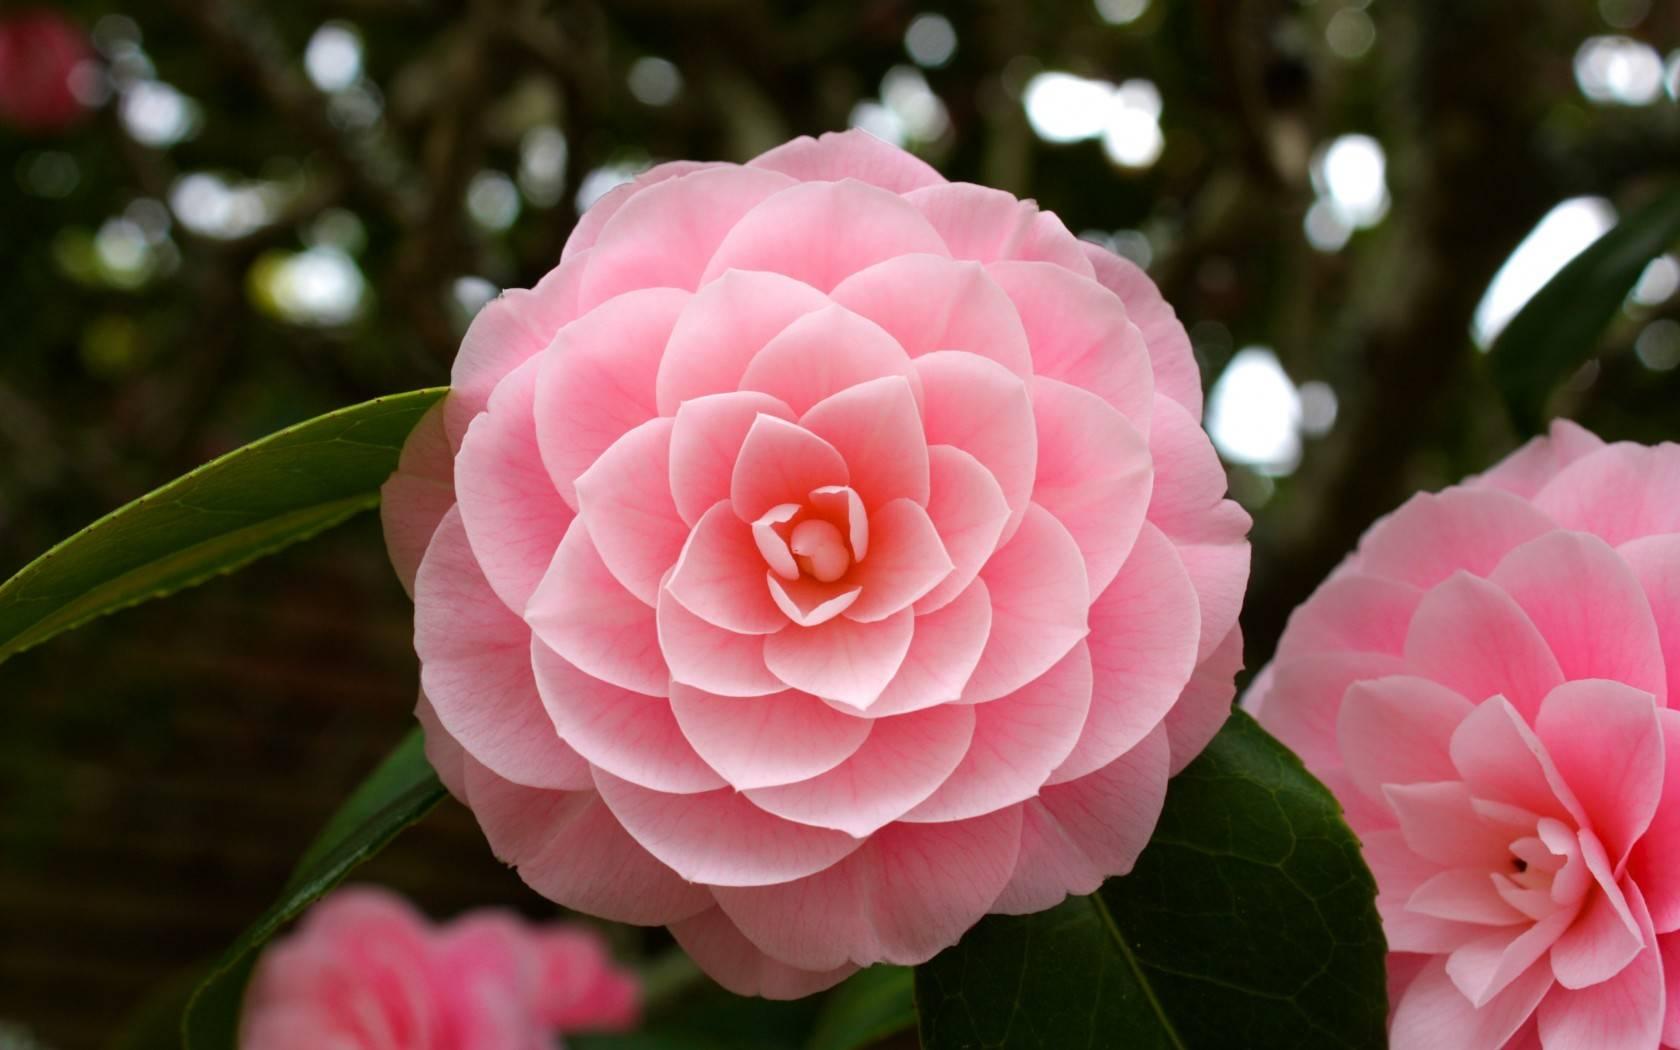 Цветок «камелия»: фото, уход и выращивание в домашних условиях